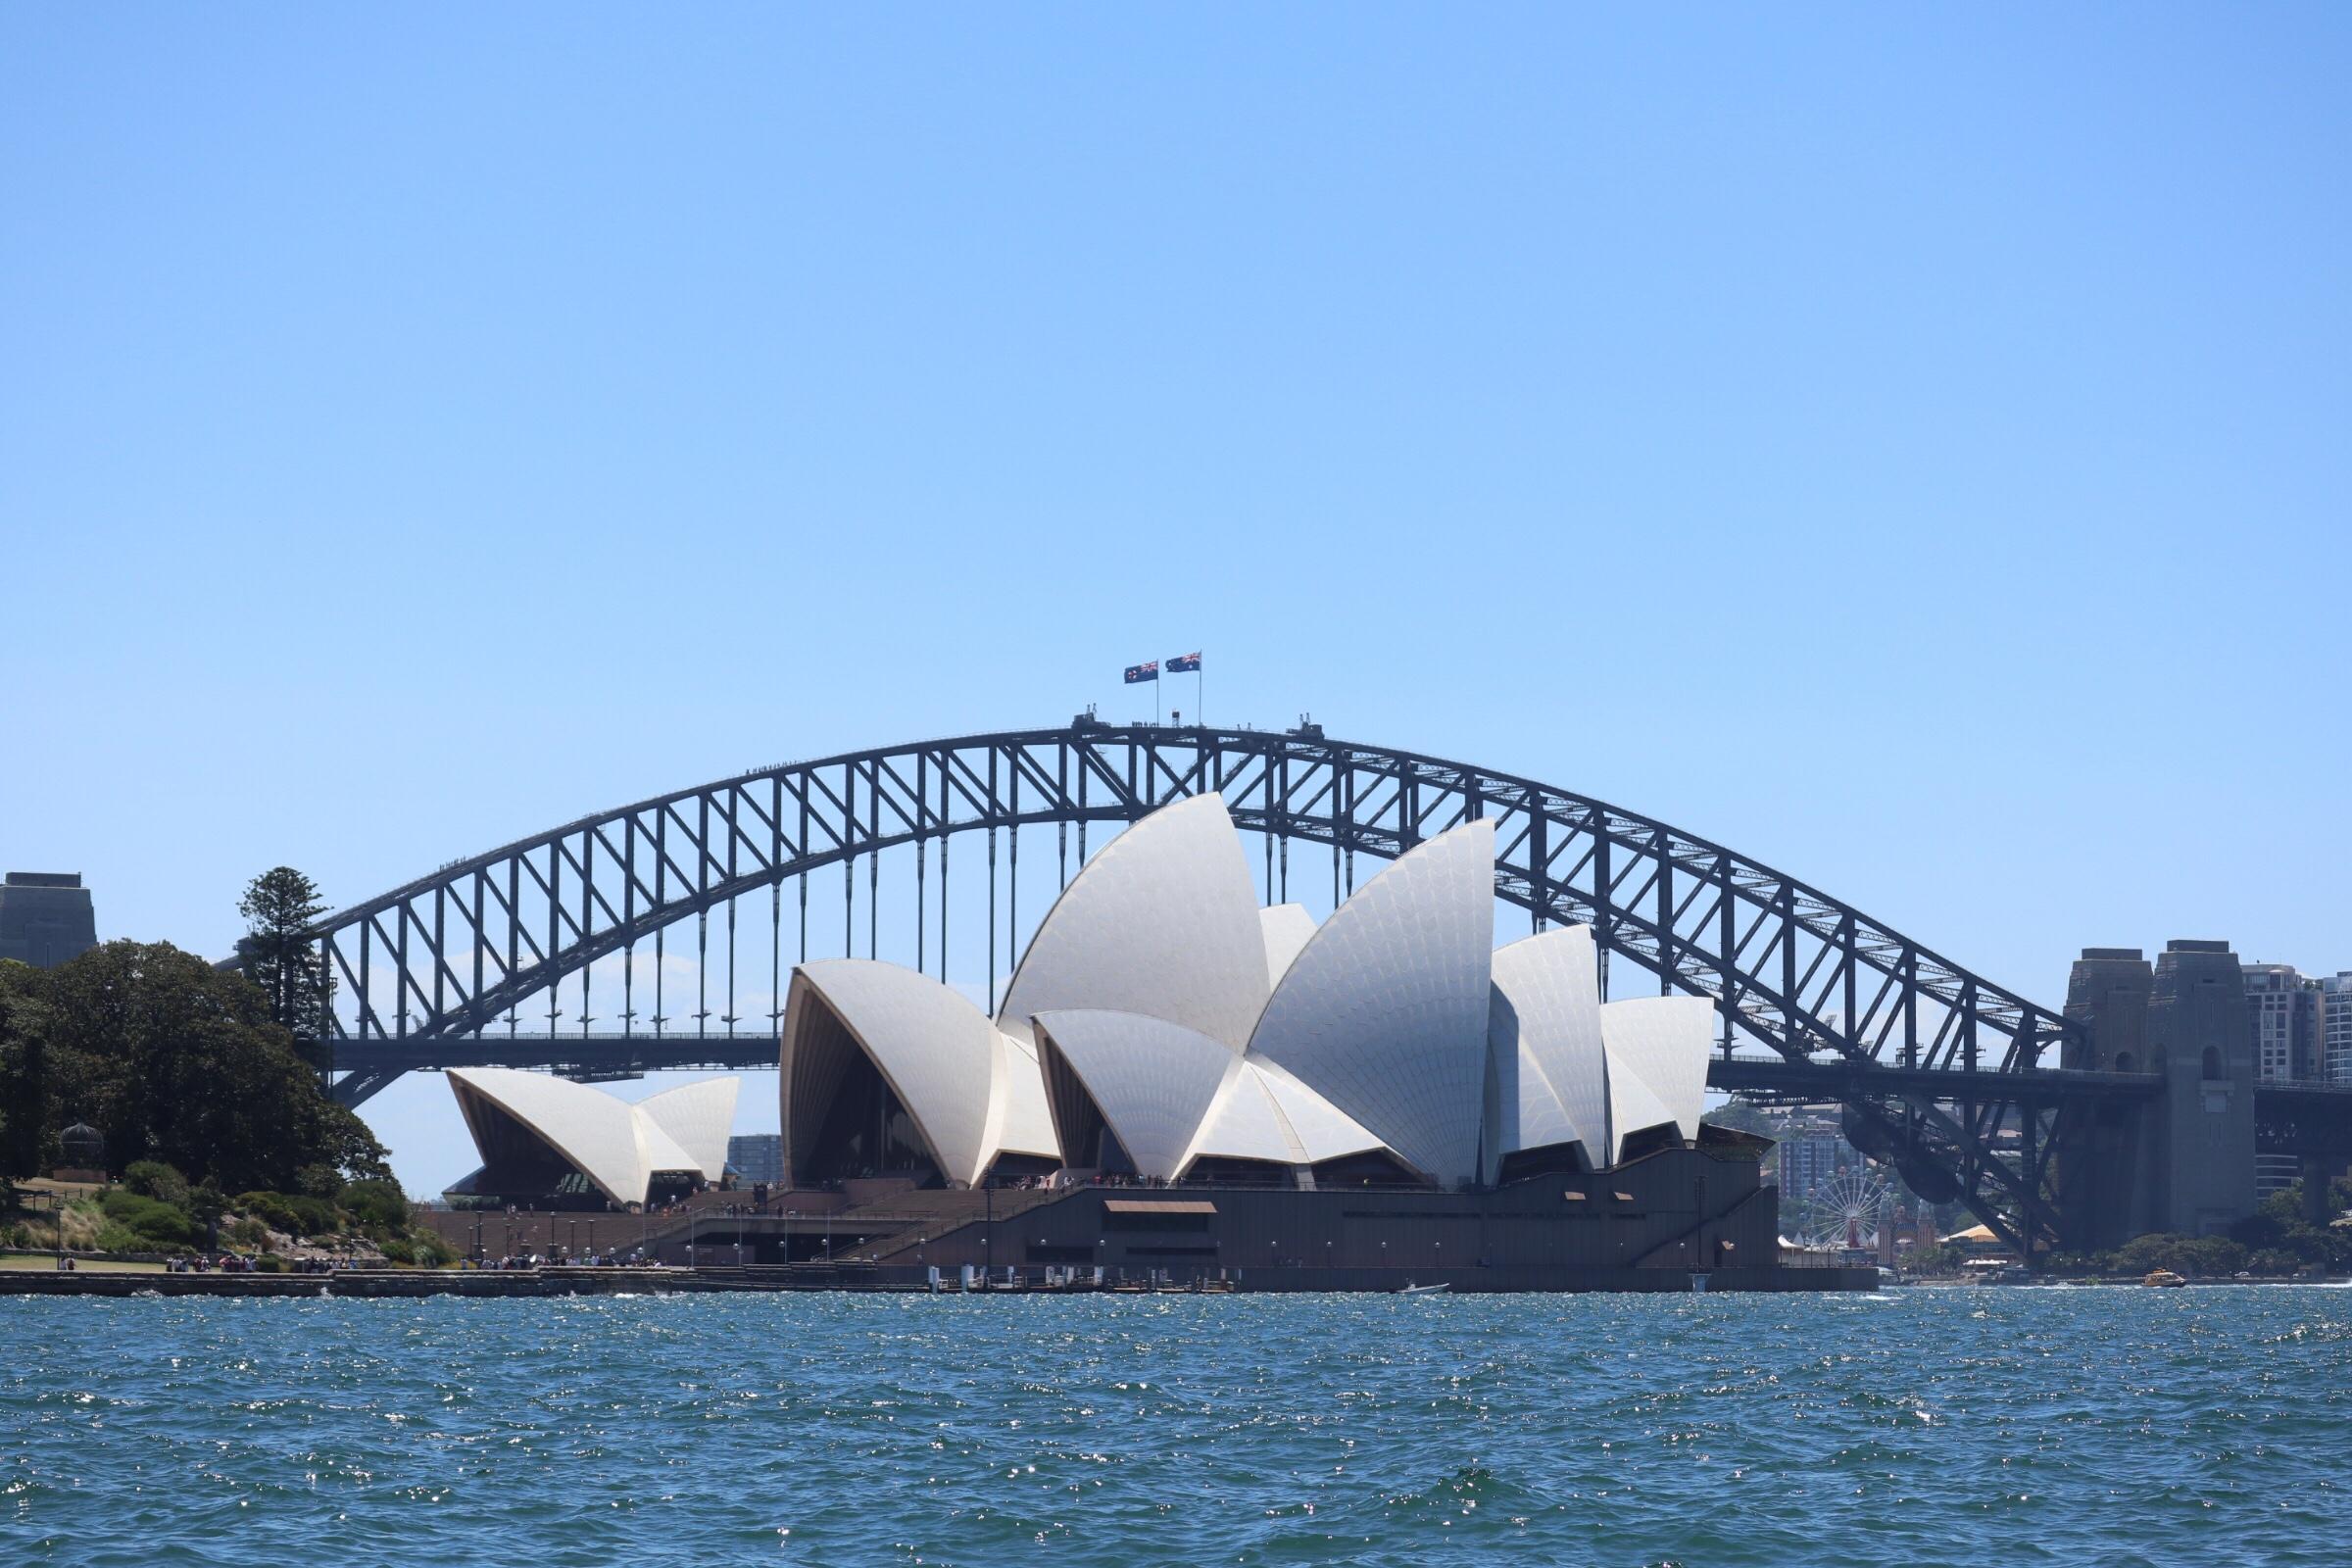 【シドニー】シドニーの試練 その2【観光】